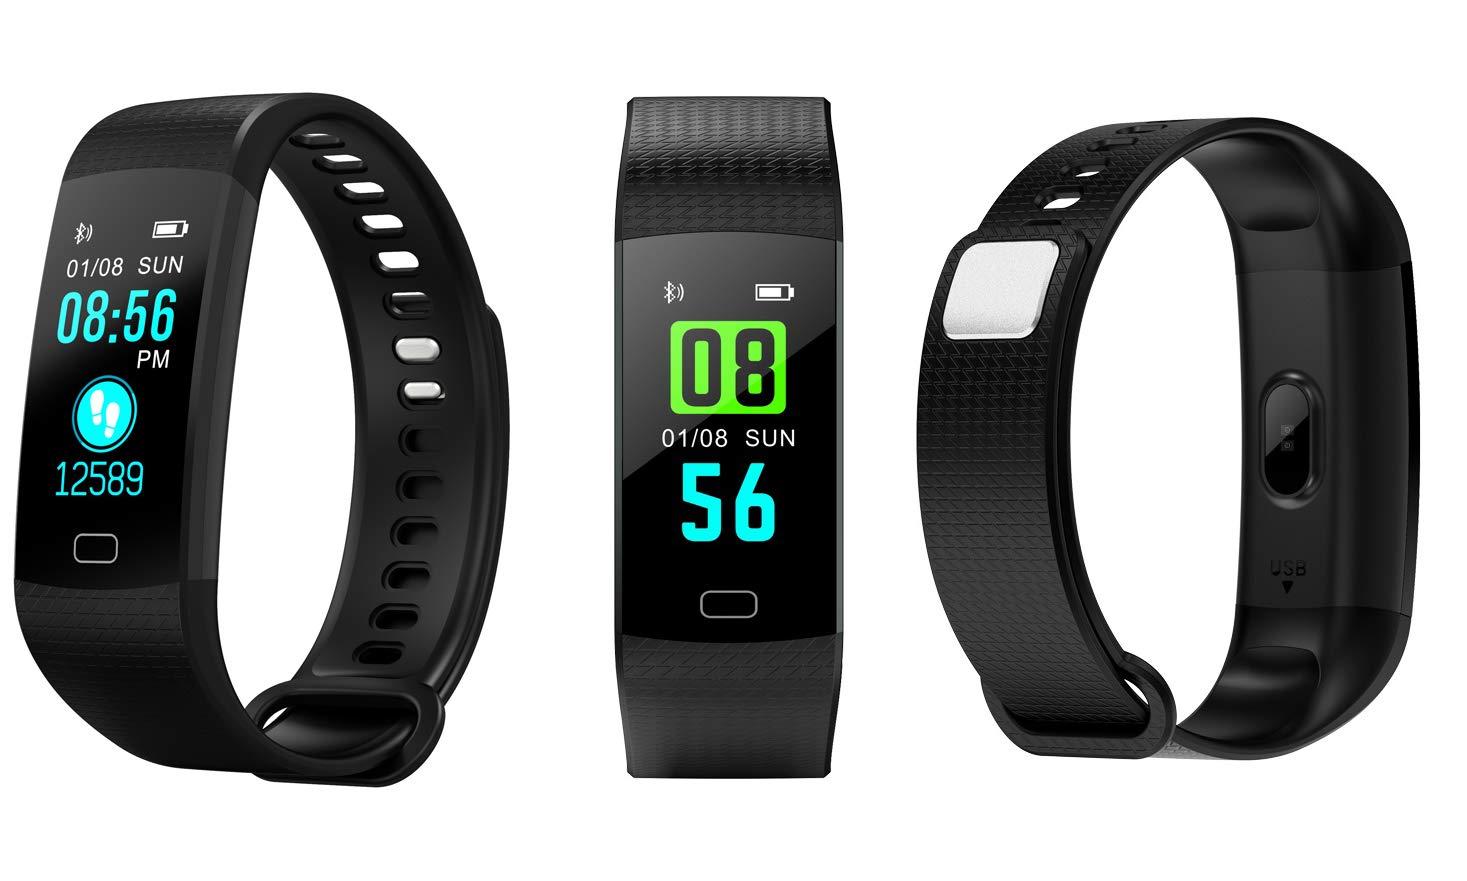 MMTEK-NP 38 Pulsera Actividad con Pulsómetro Mujer Hombre, Monitor de Actividad Deportiva, Ritmo Cardíaco, Impermeable IP67, Reloj Fitness, smartwatch ...